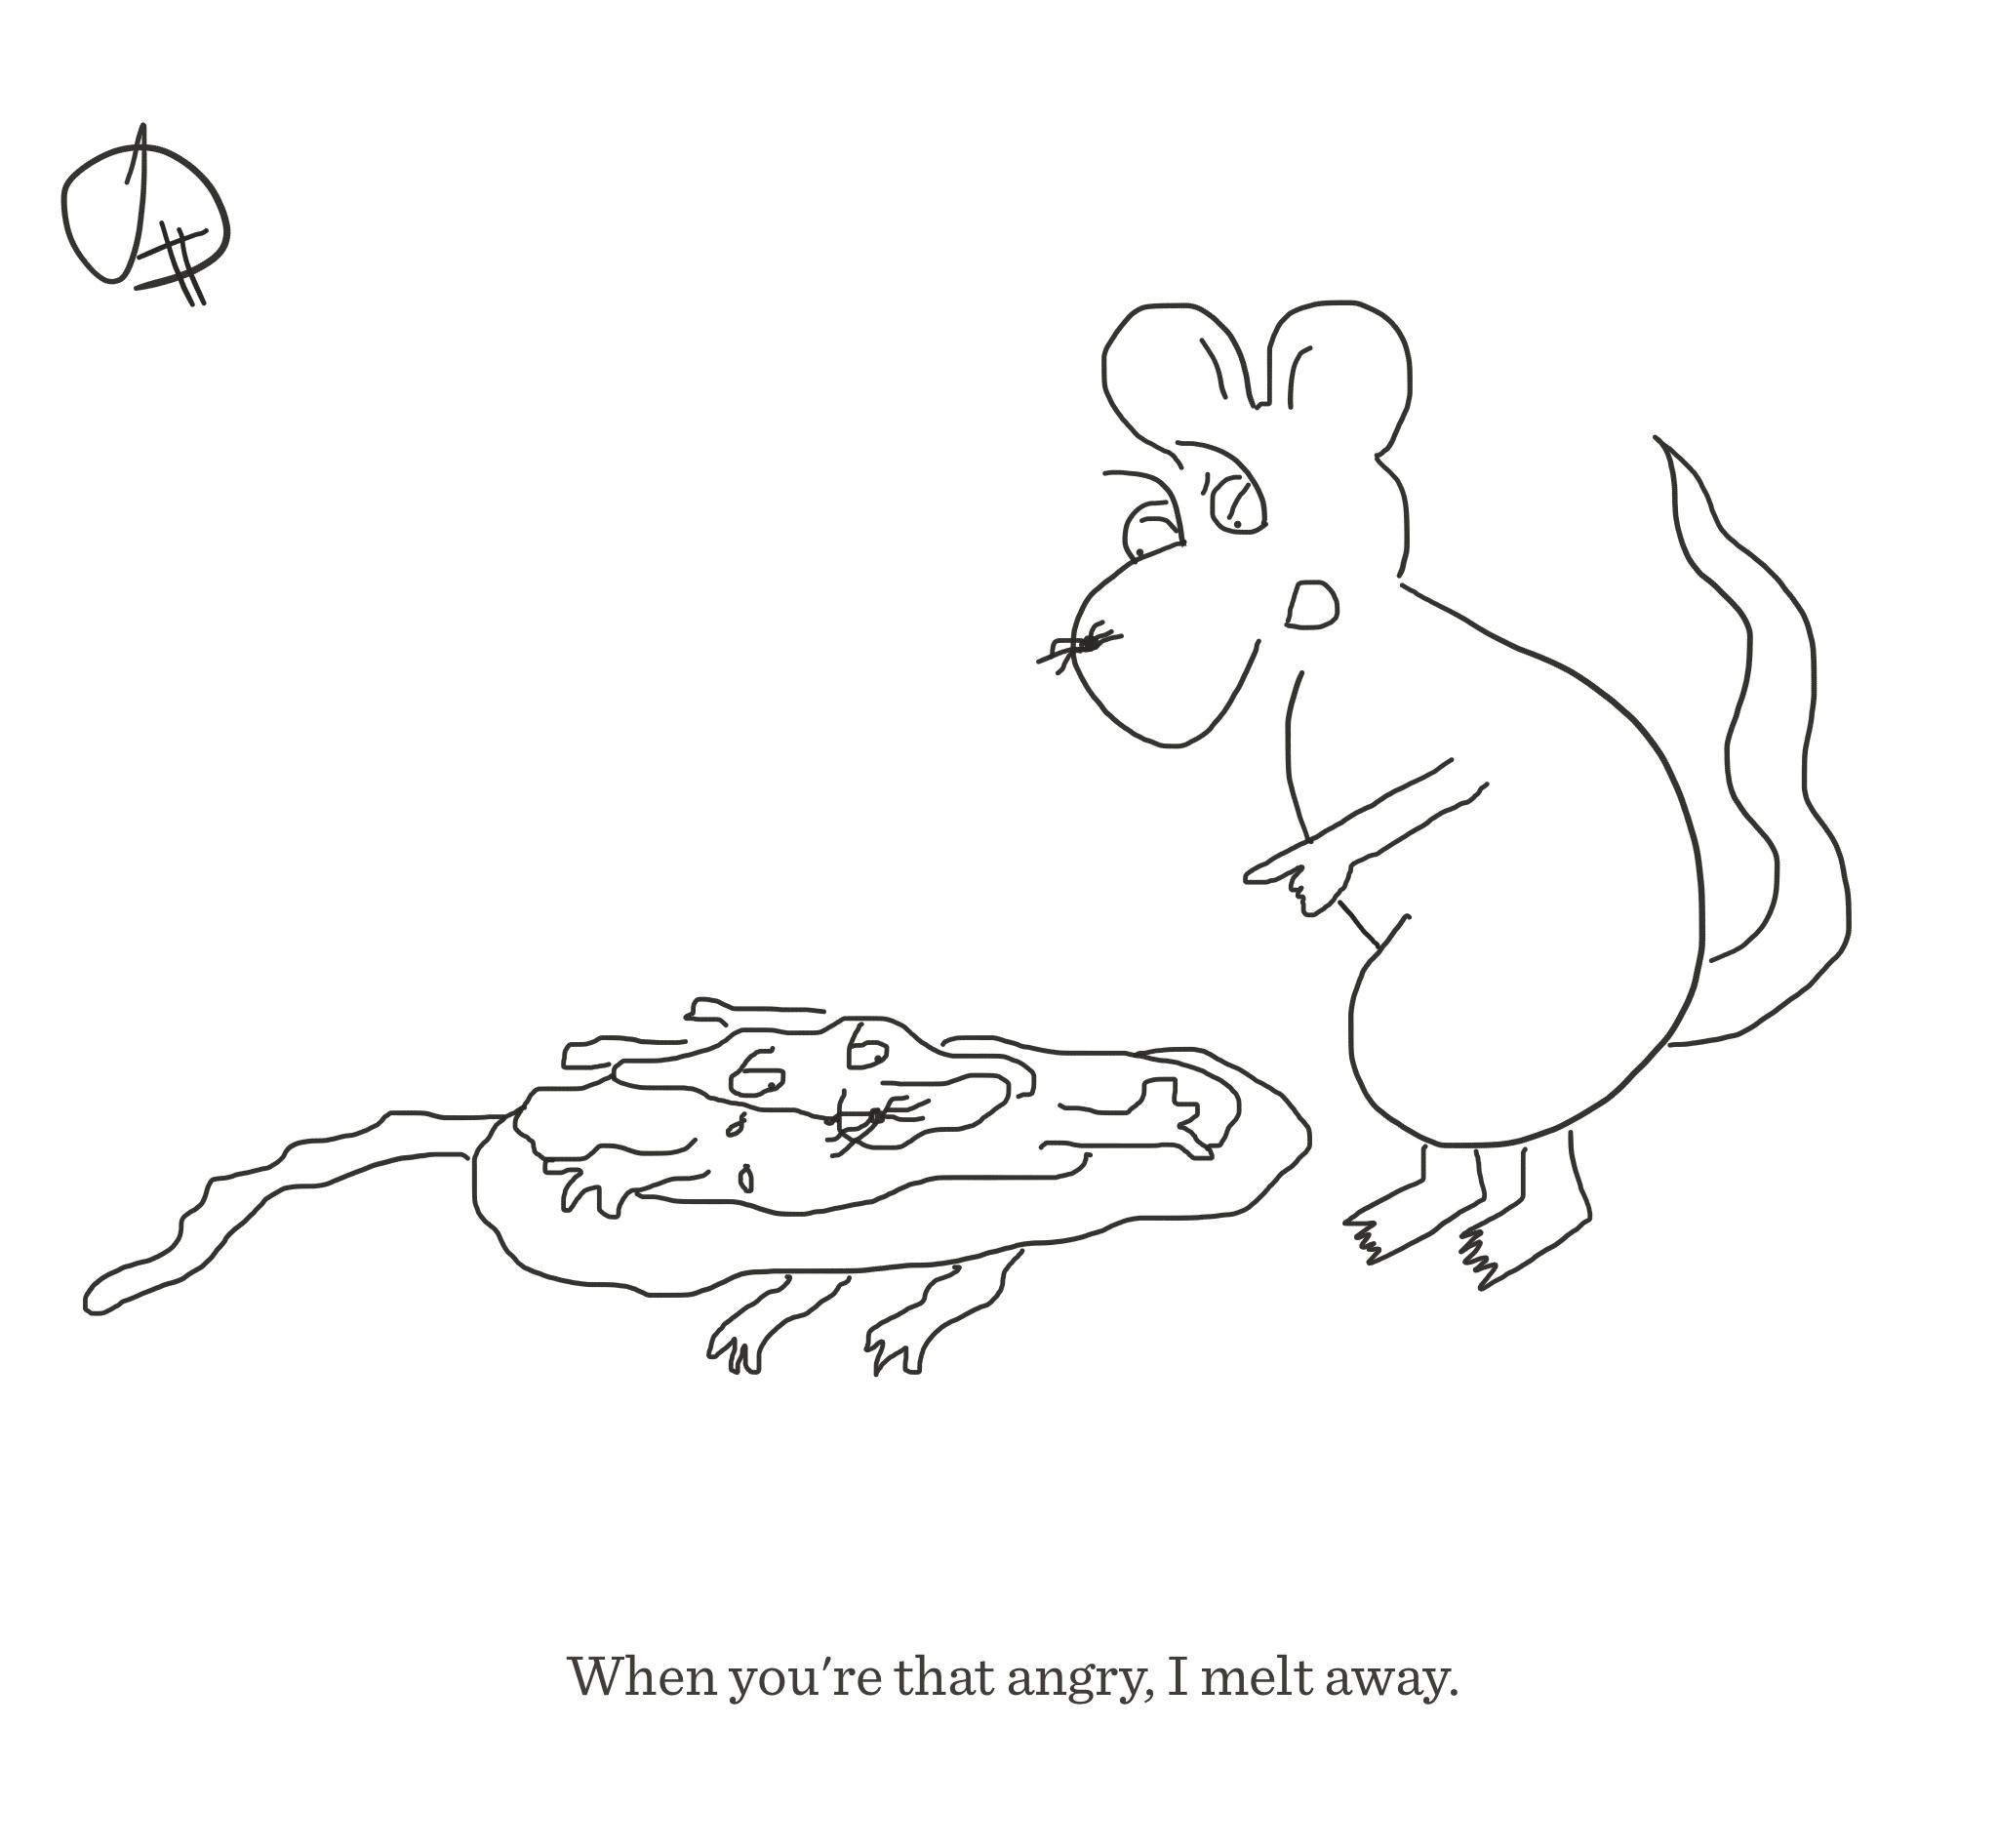 Melting away, The Happy Rat cartoon